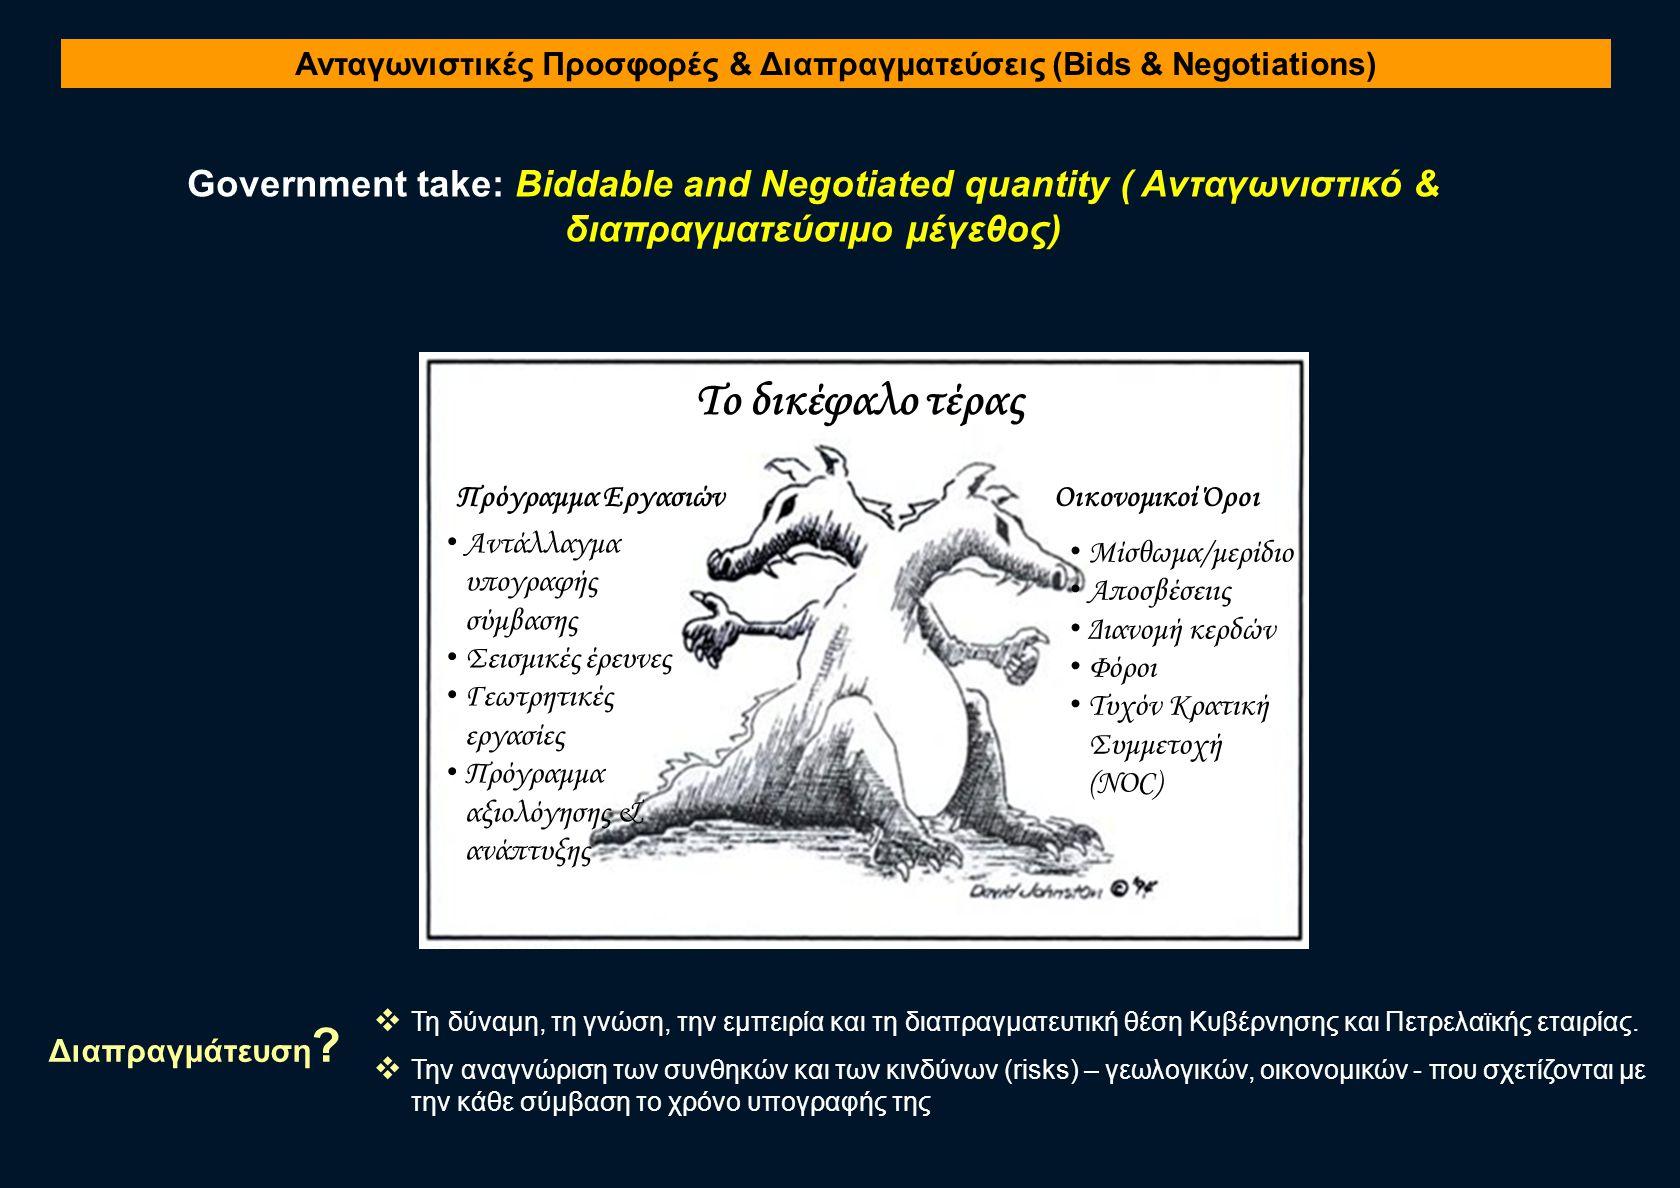 Ανταγωνιστικές Προσφορές & Διαπραγματεύσεις (Bids & Negotiations) Το δικέφαλο τέρας Πρόγραμμα ΕργασιώνΟικονομικοί Όροι • Αντάλλαγμα υπογραφής σύμβασης